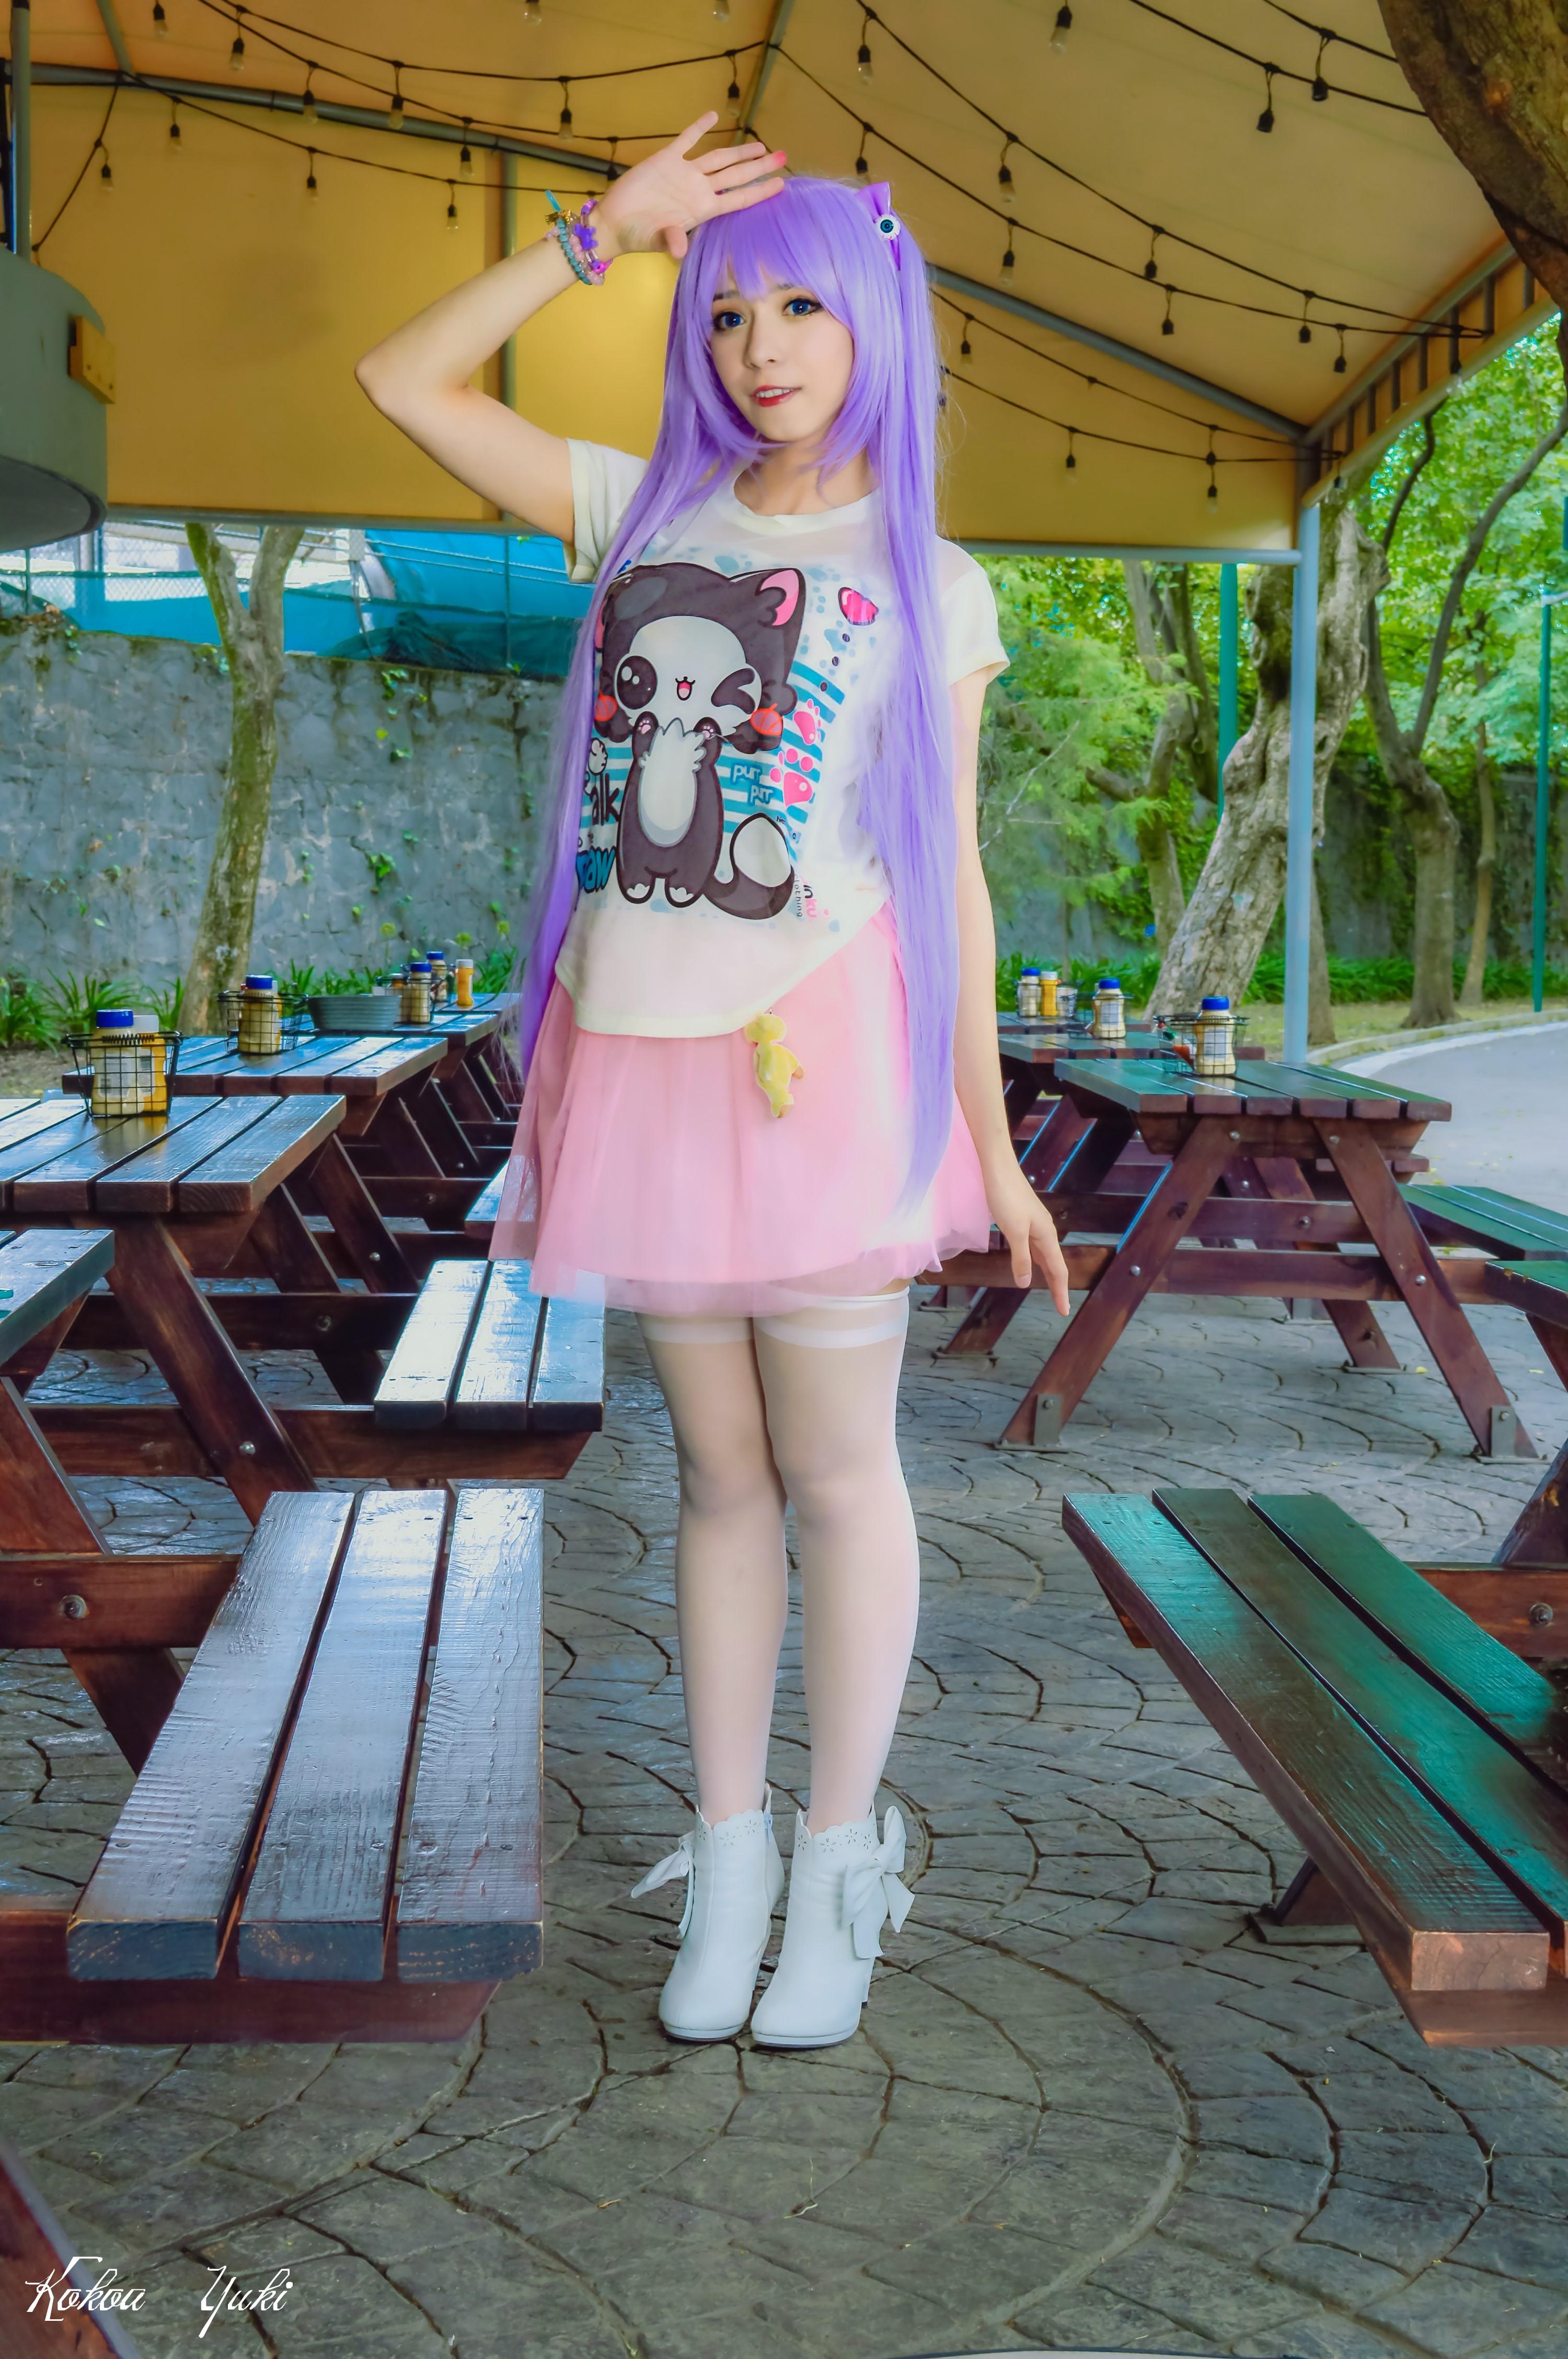 Kokoa Yuki 3